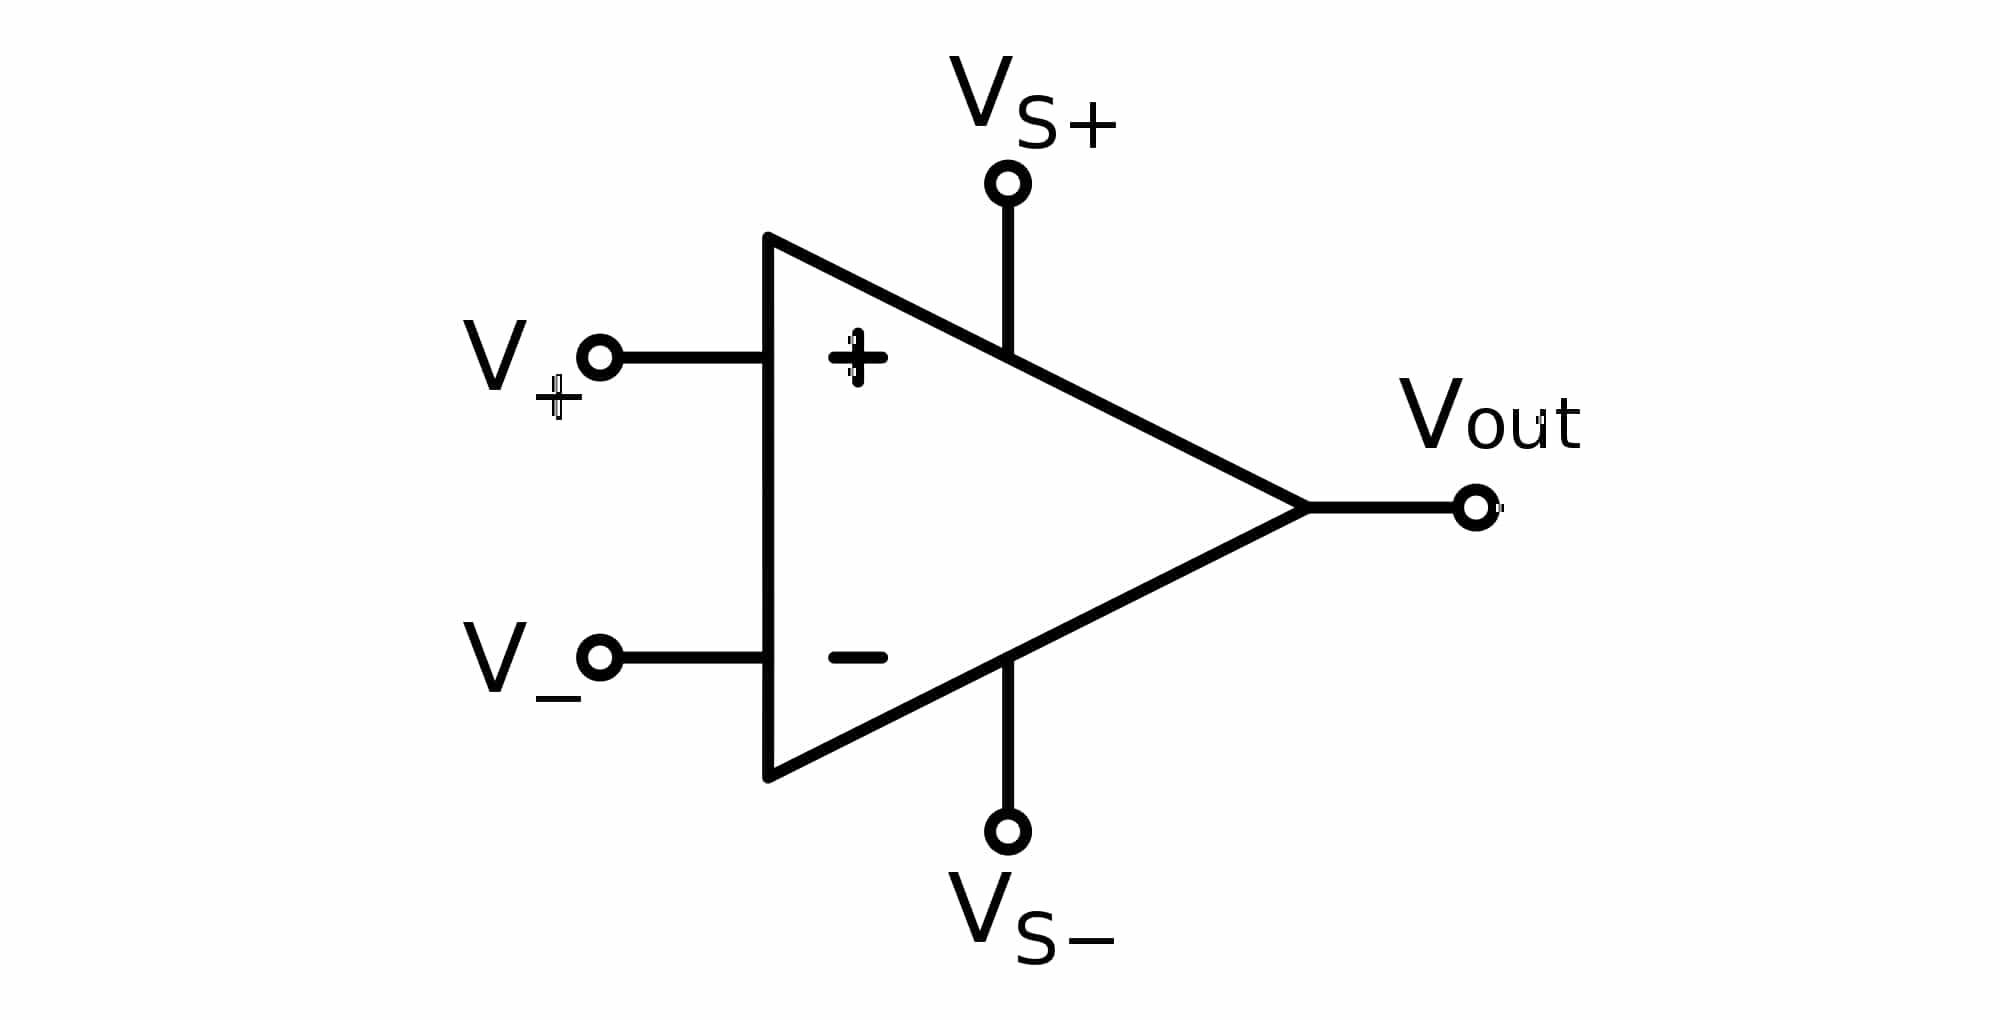 símbolo amplificador operacional